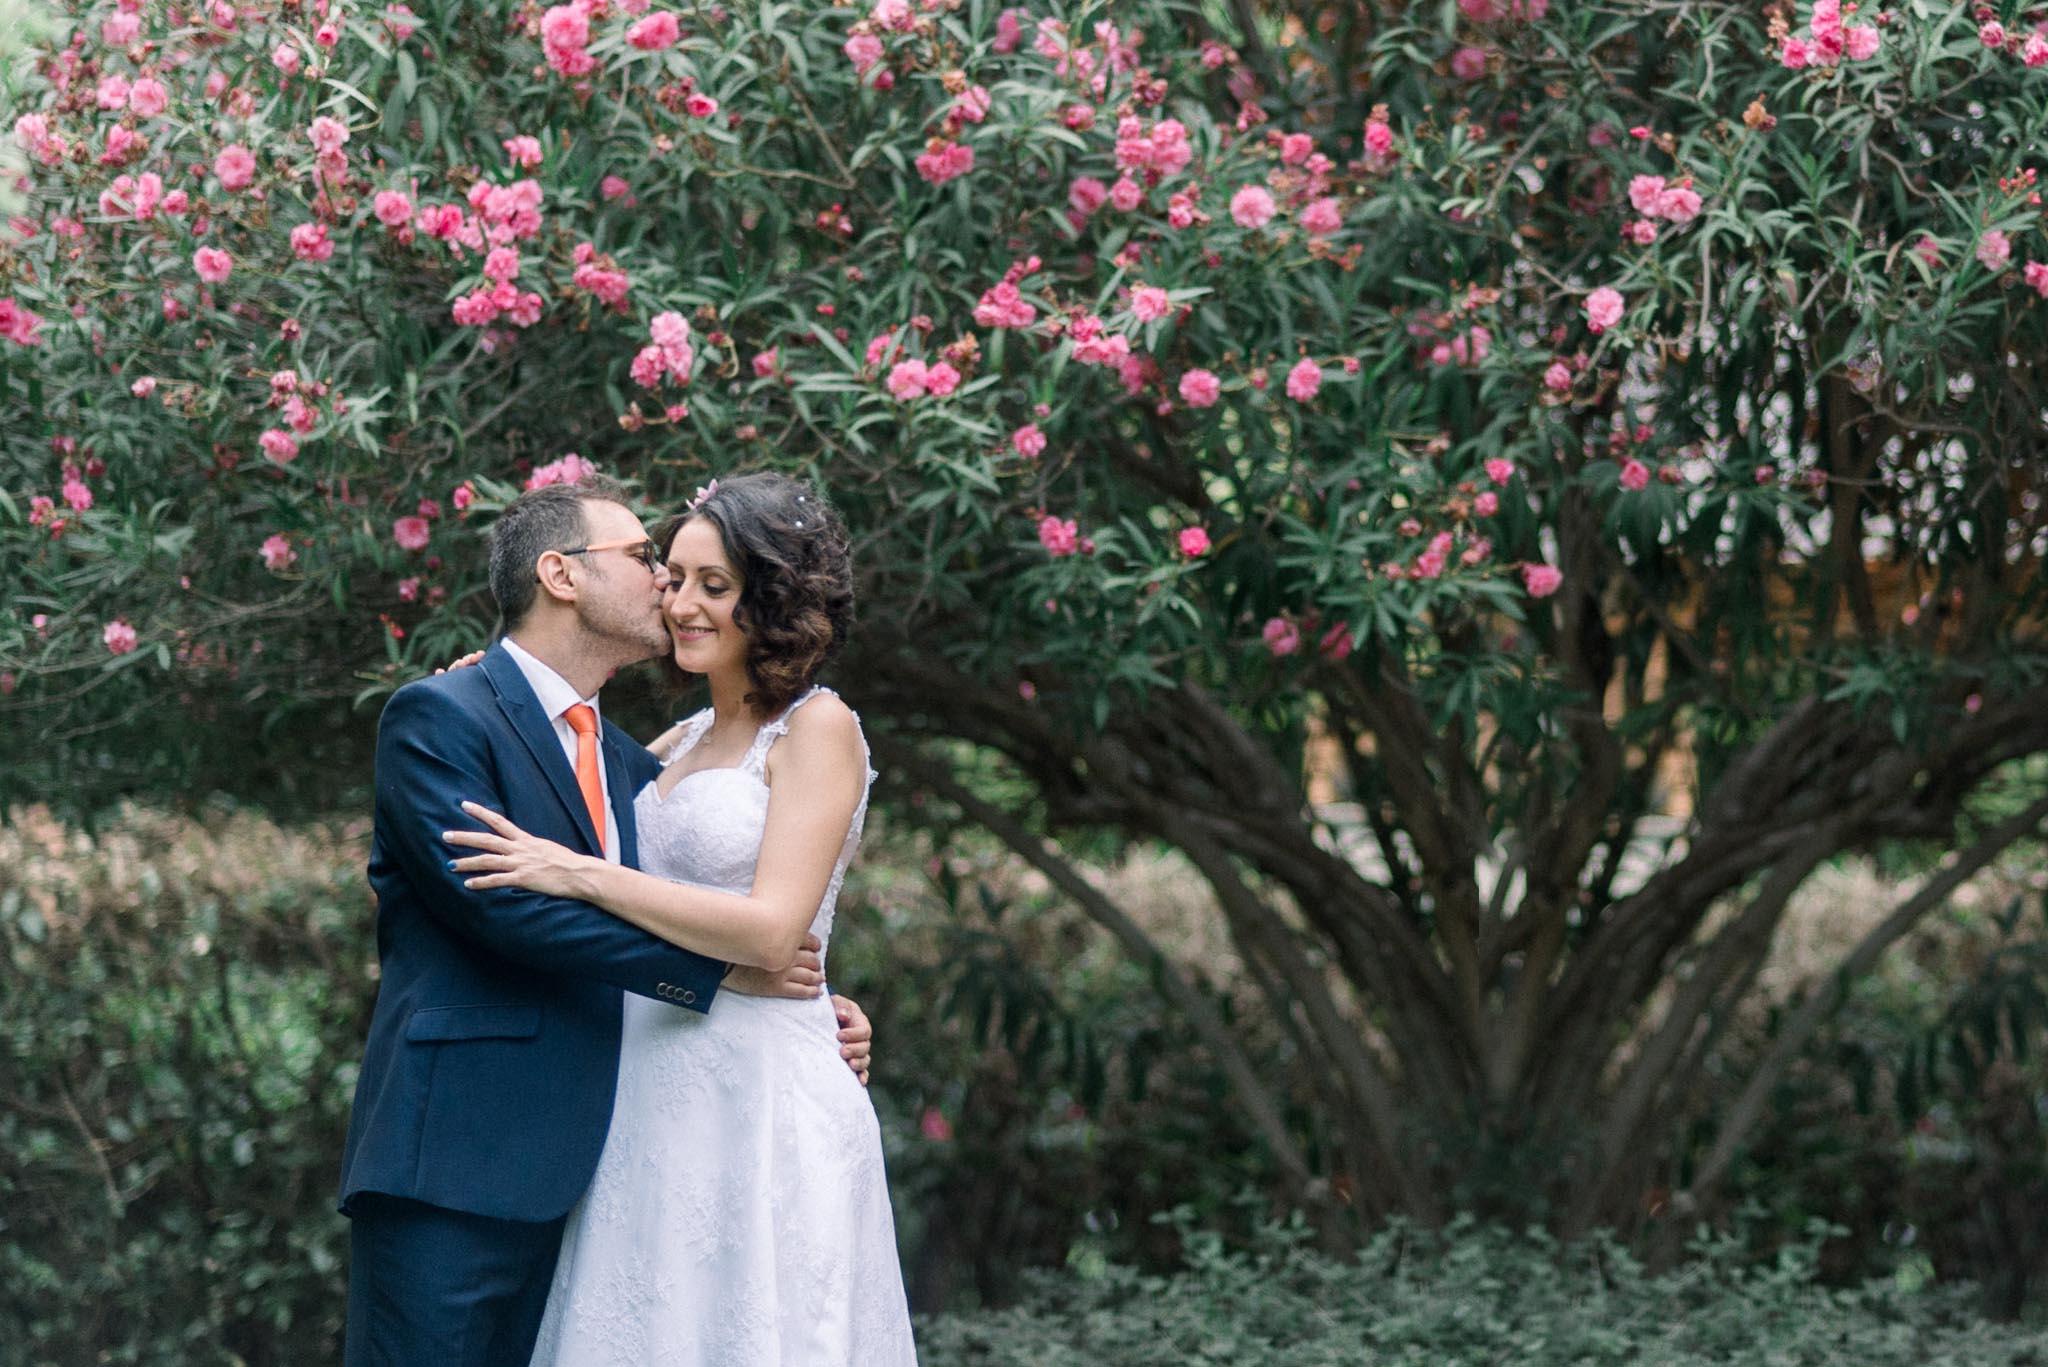 φωτογράφιση γάμου στην αθήνα απόγευμα